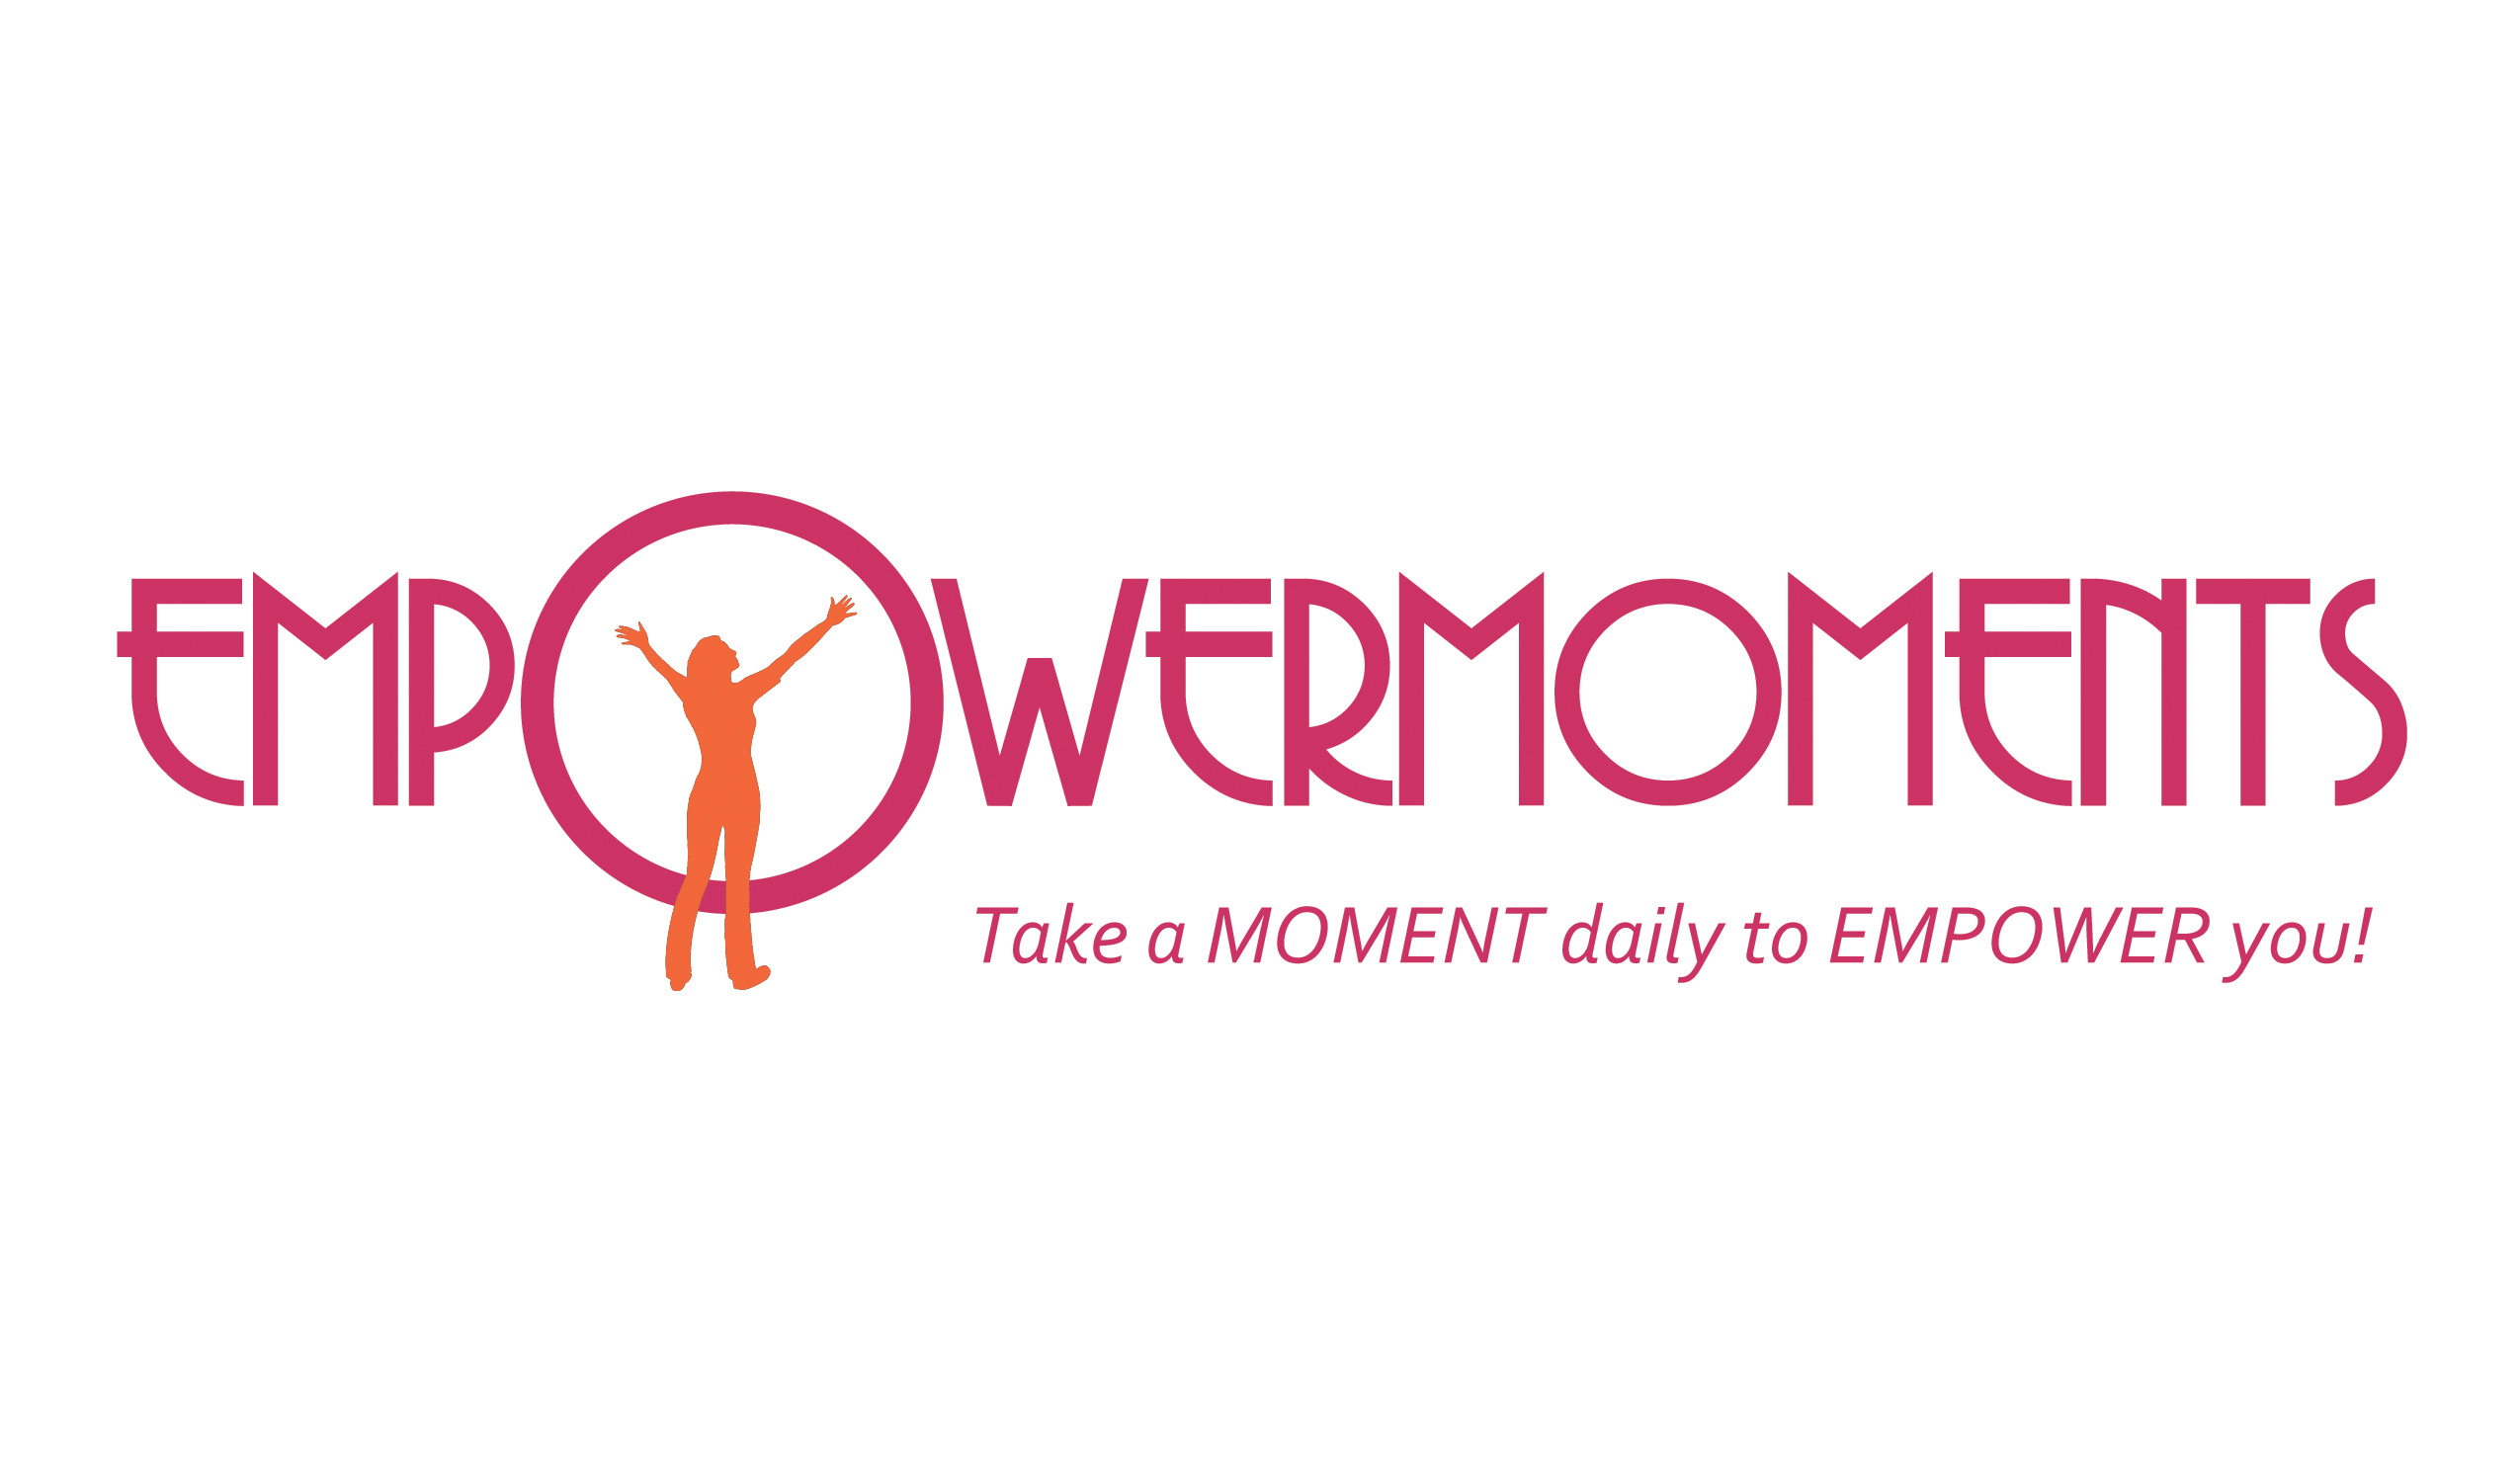 EmpowerMoments